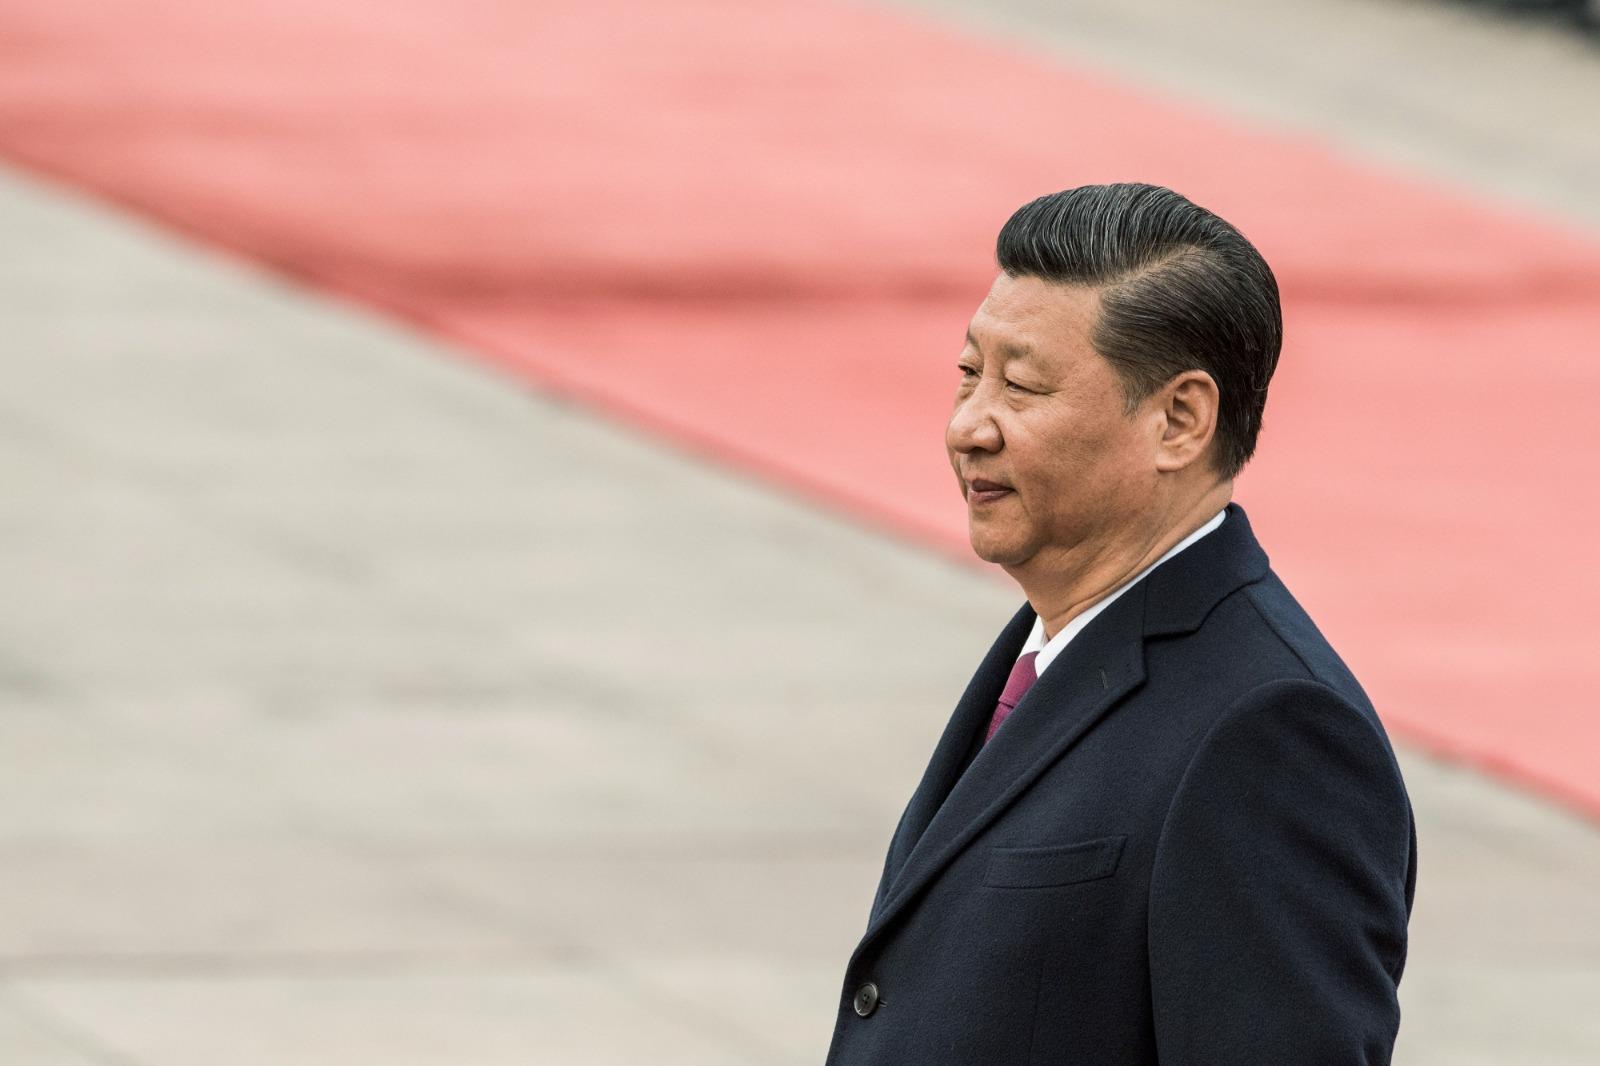 據報道,習近平親信、公安部常務副部長王小洪的舊部陳楓已秘密接掌香港中聯辦警務聯絡部。(Kevin Frayer/Getty Images)